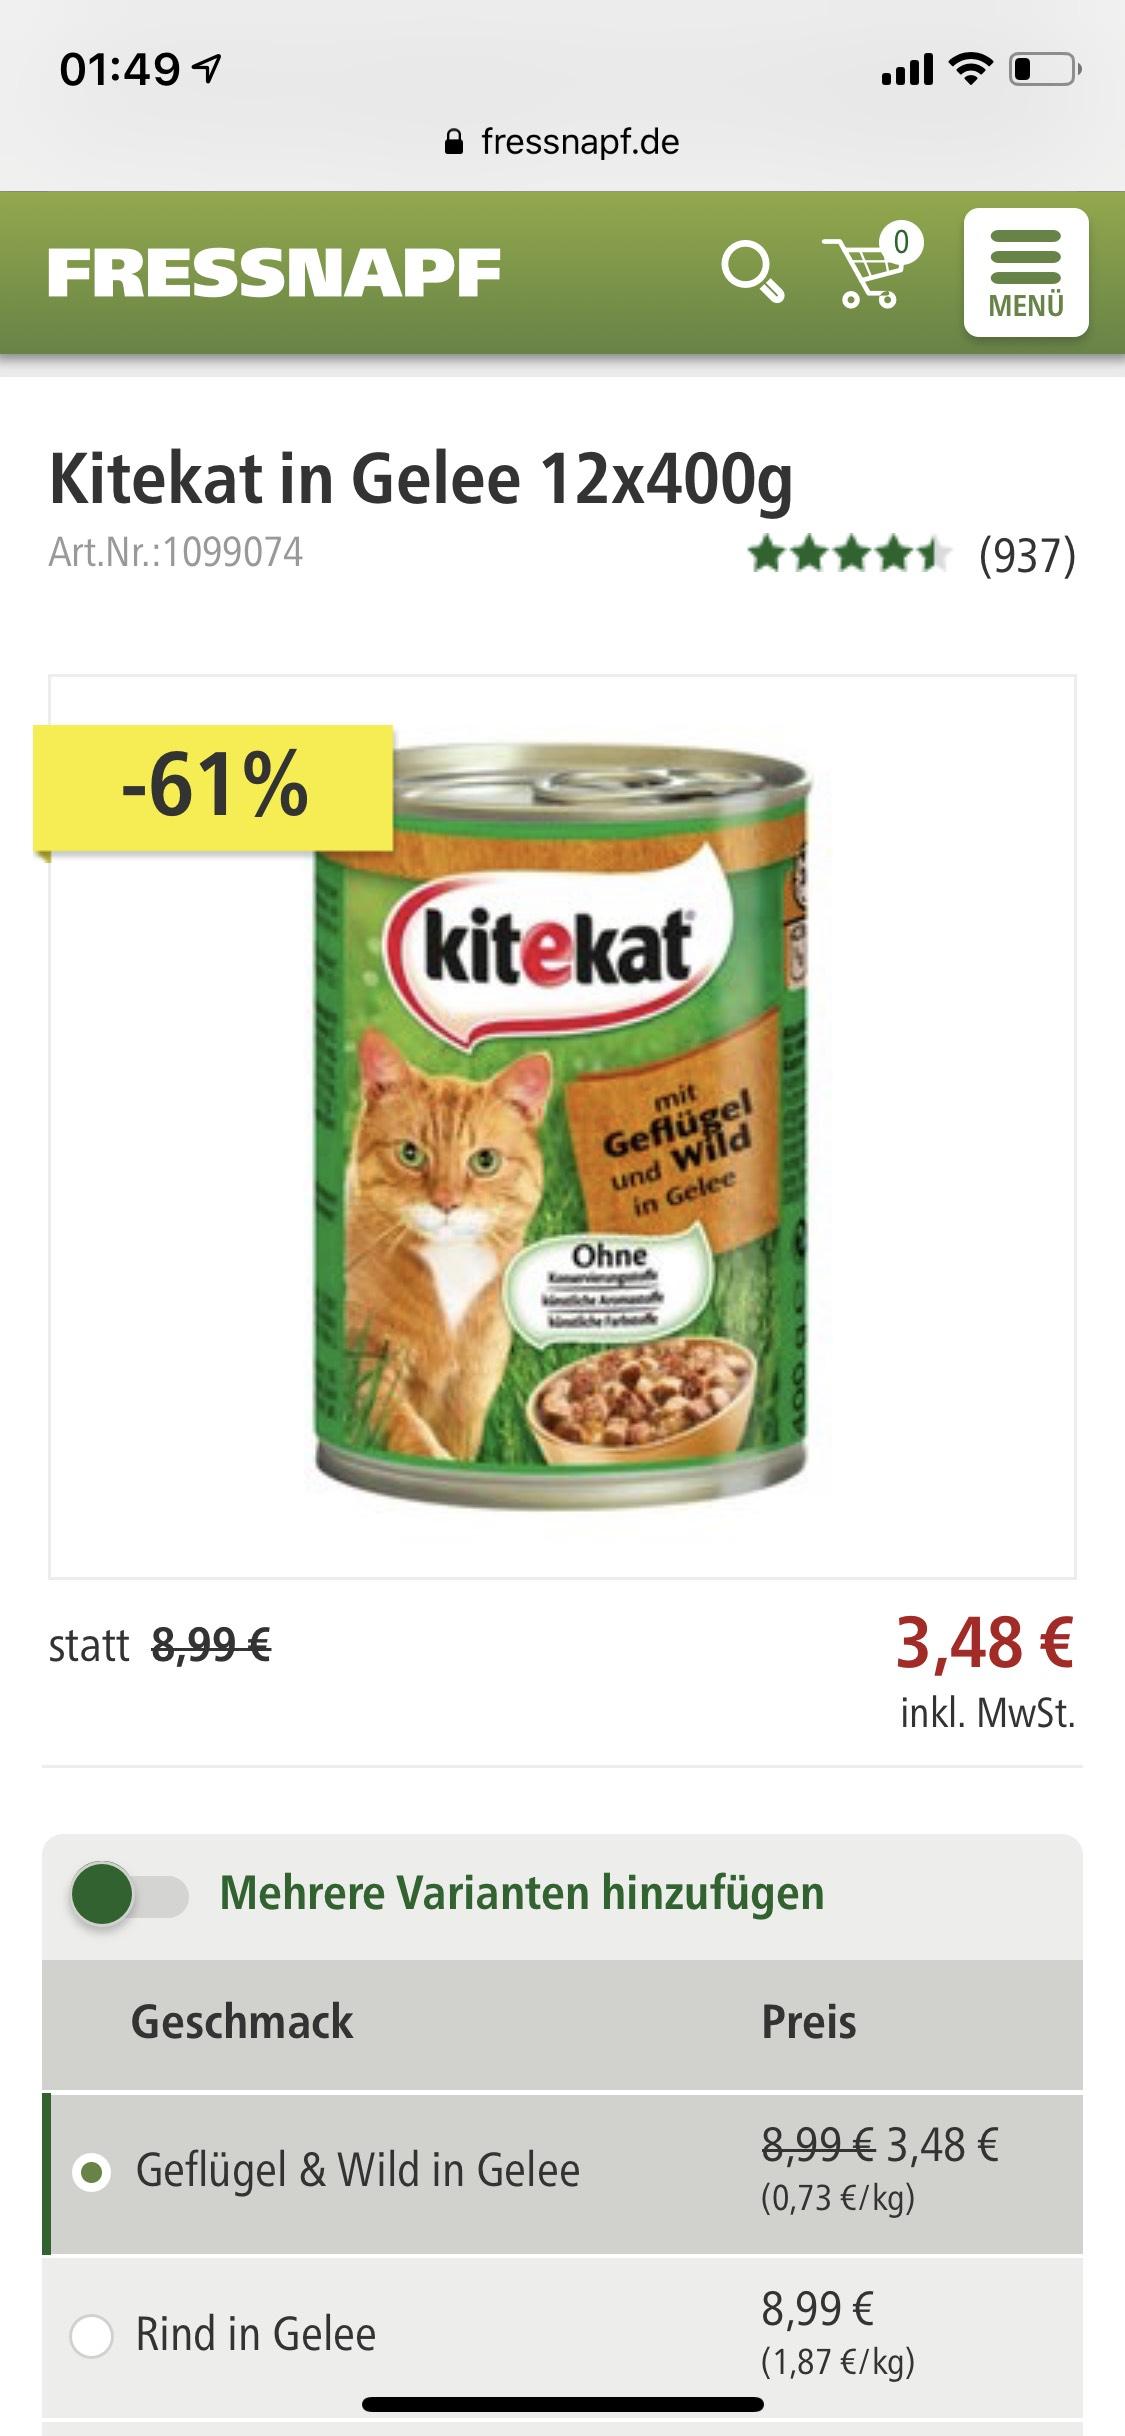 Kitekat in Gelee 12x400 0,73€/kg Katzenfutter